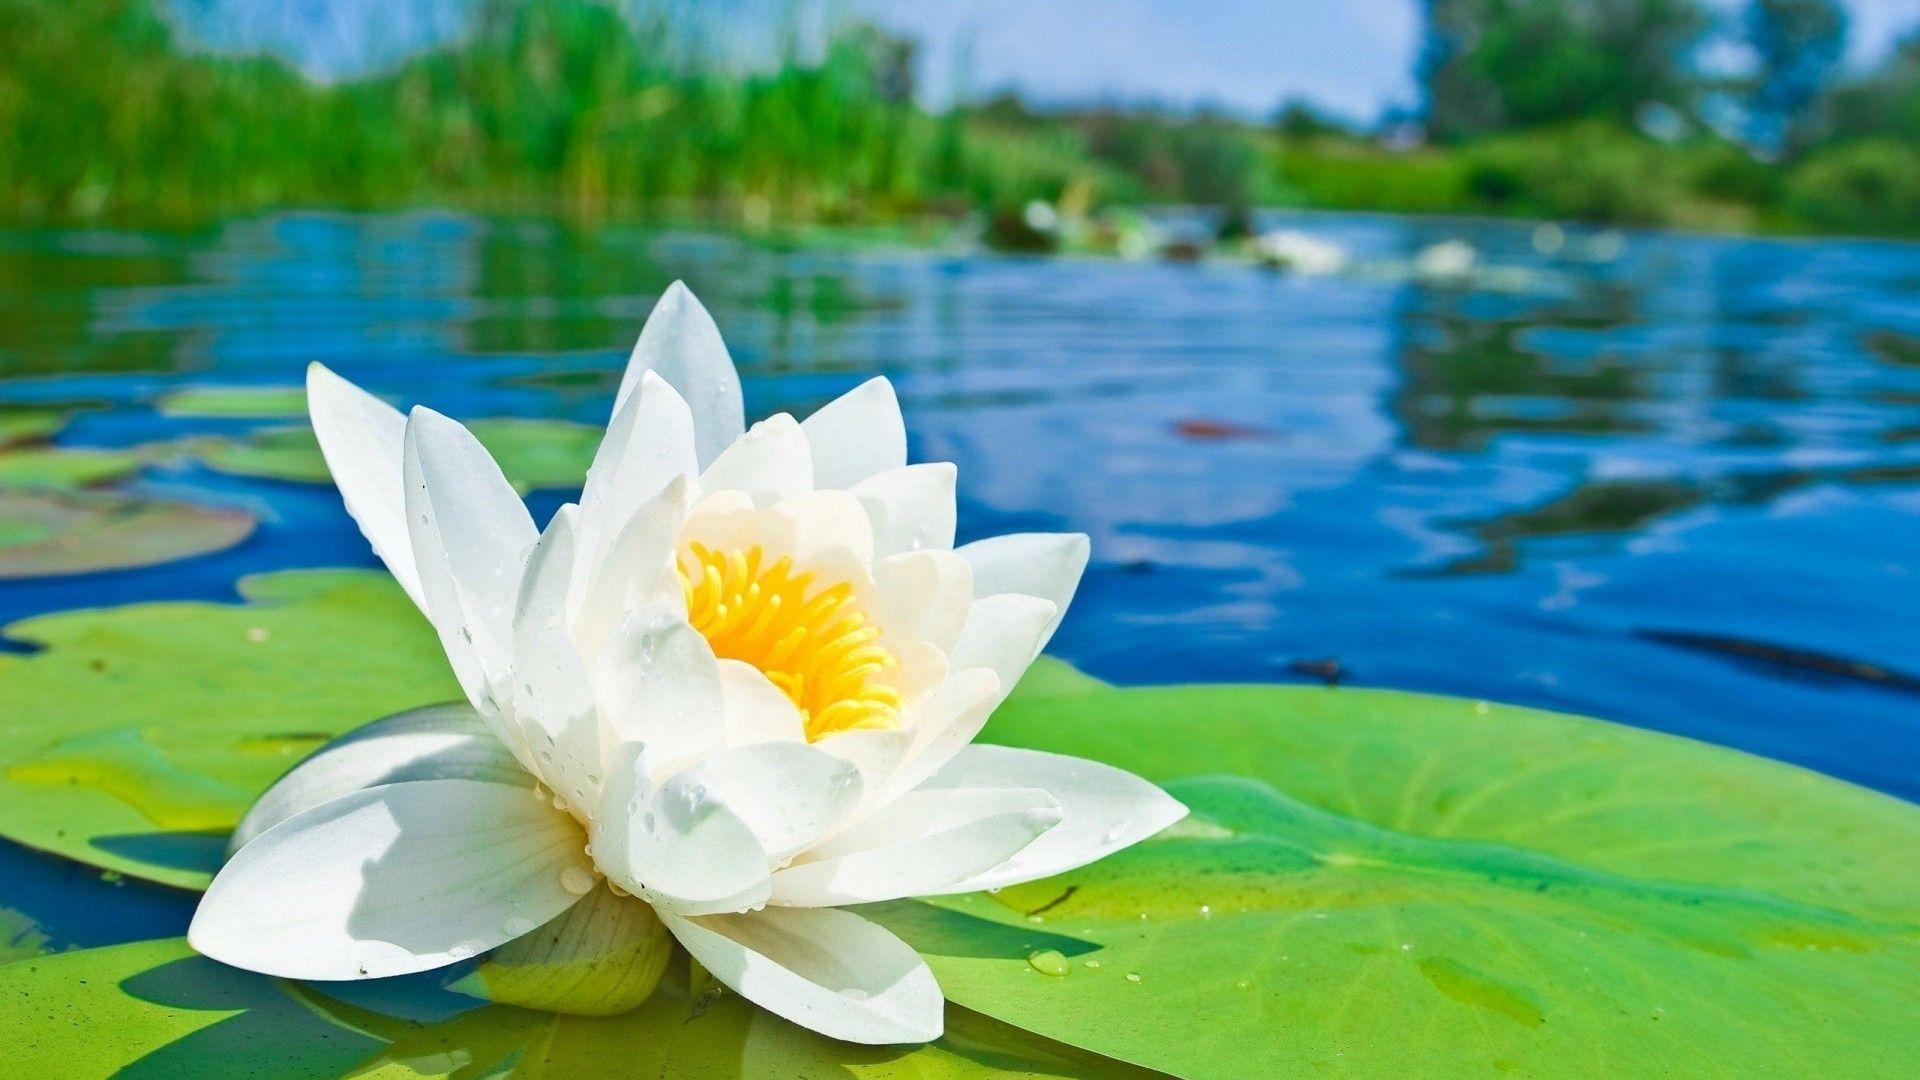 Water Lotus Flower HD Desktop Wallpaper Free - Free Download ...